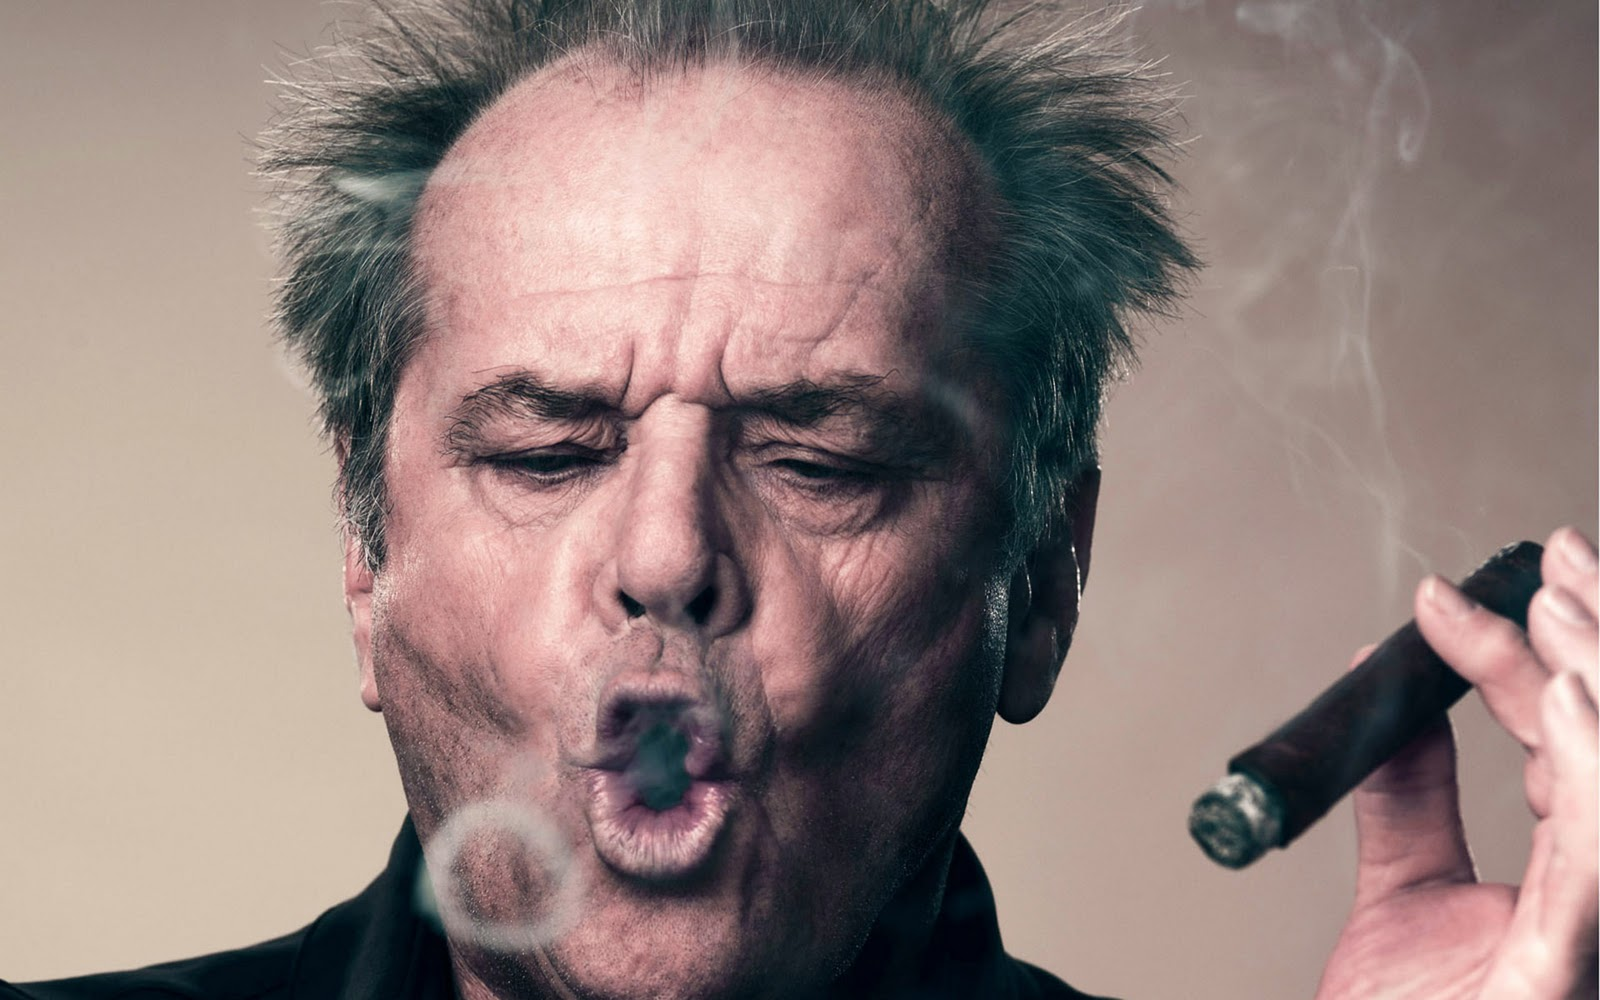 Aktor Jack Nicholson trzymający cygaro i puszczający kółka z dymu